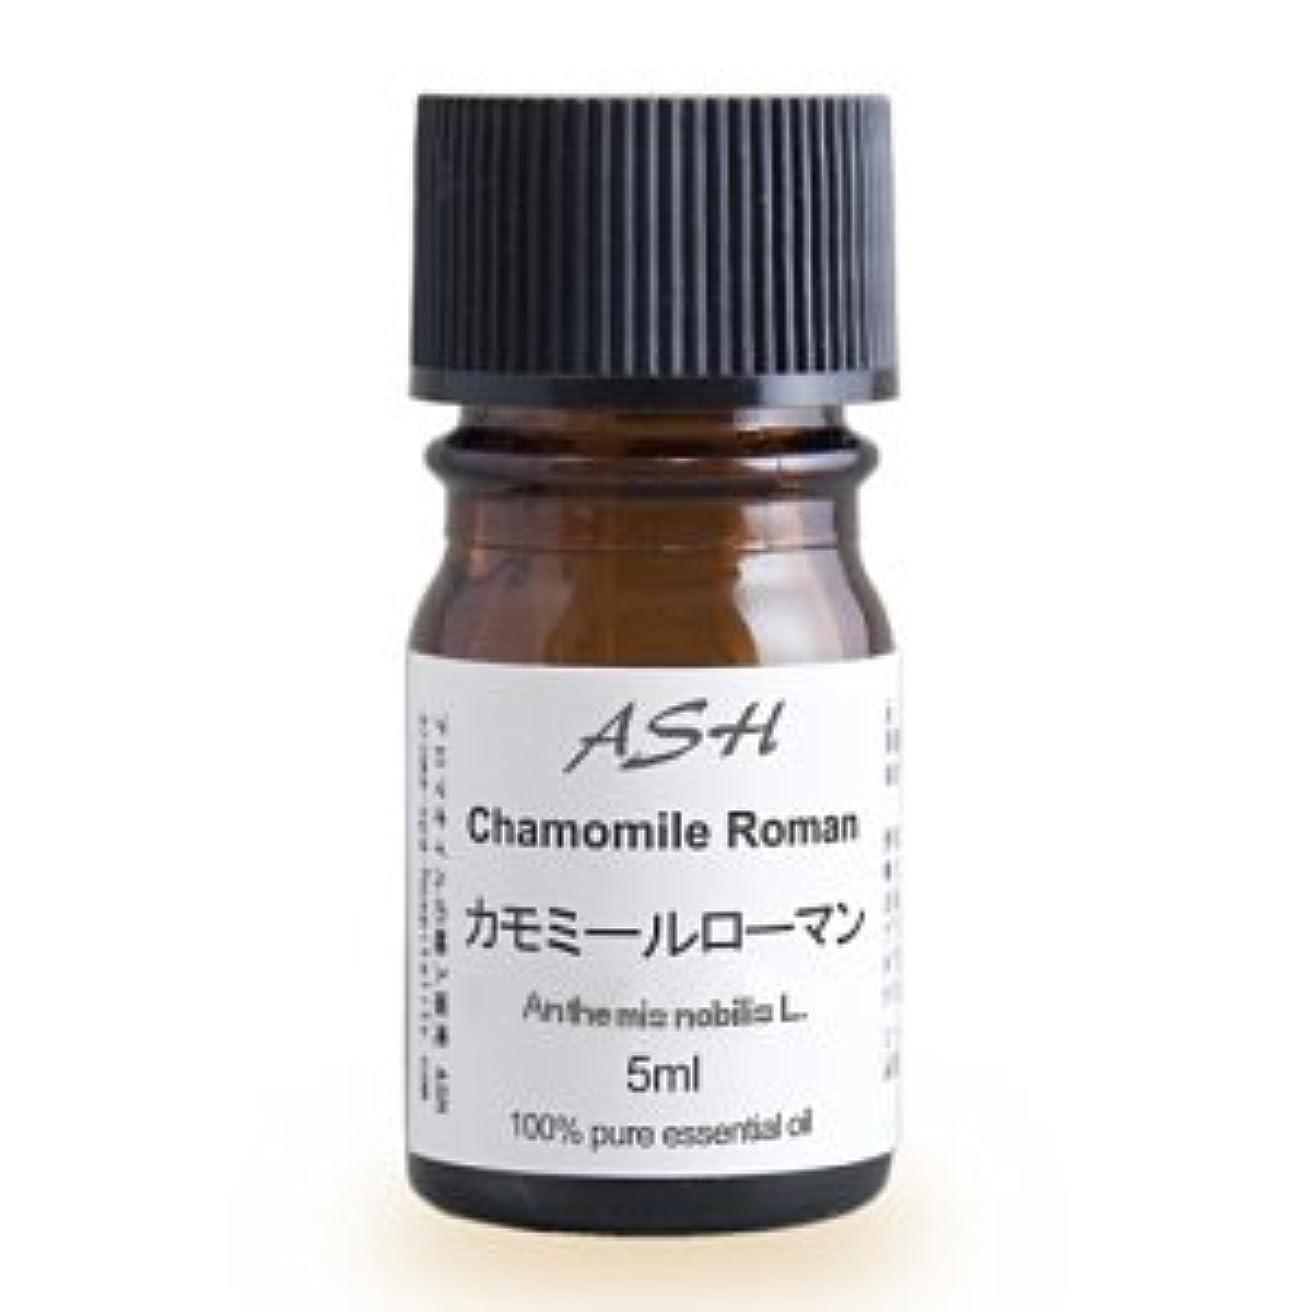 頭放映仕立て屋ASH カモミールローマン エッセンシャルオイル 5ml AEAJ表示基準適合認定精油